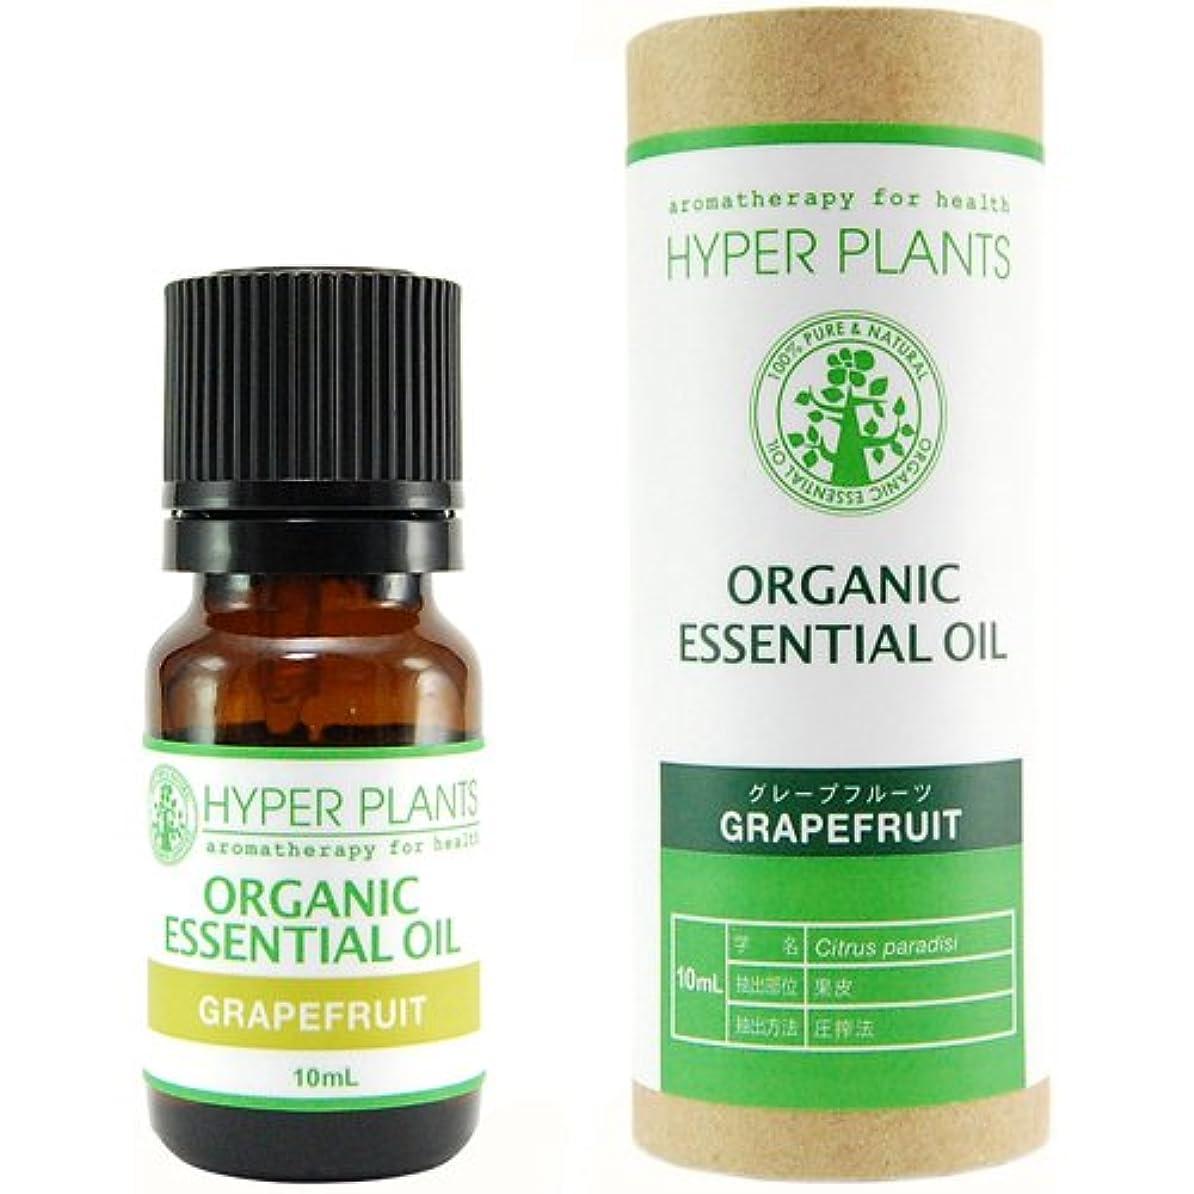 体現する豊富な許されるHYPER PLANTS ハイパープランツ オーガニックエッセンシャルオイル グレープフルーツ 10ml HE0210